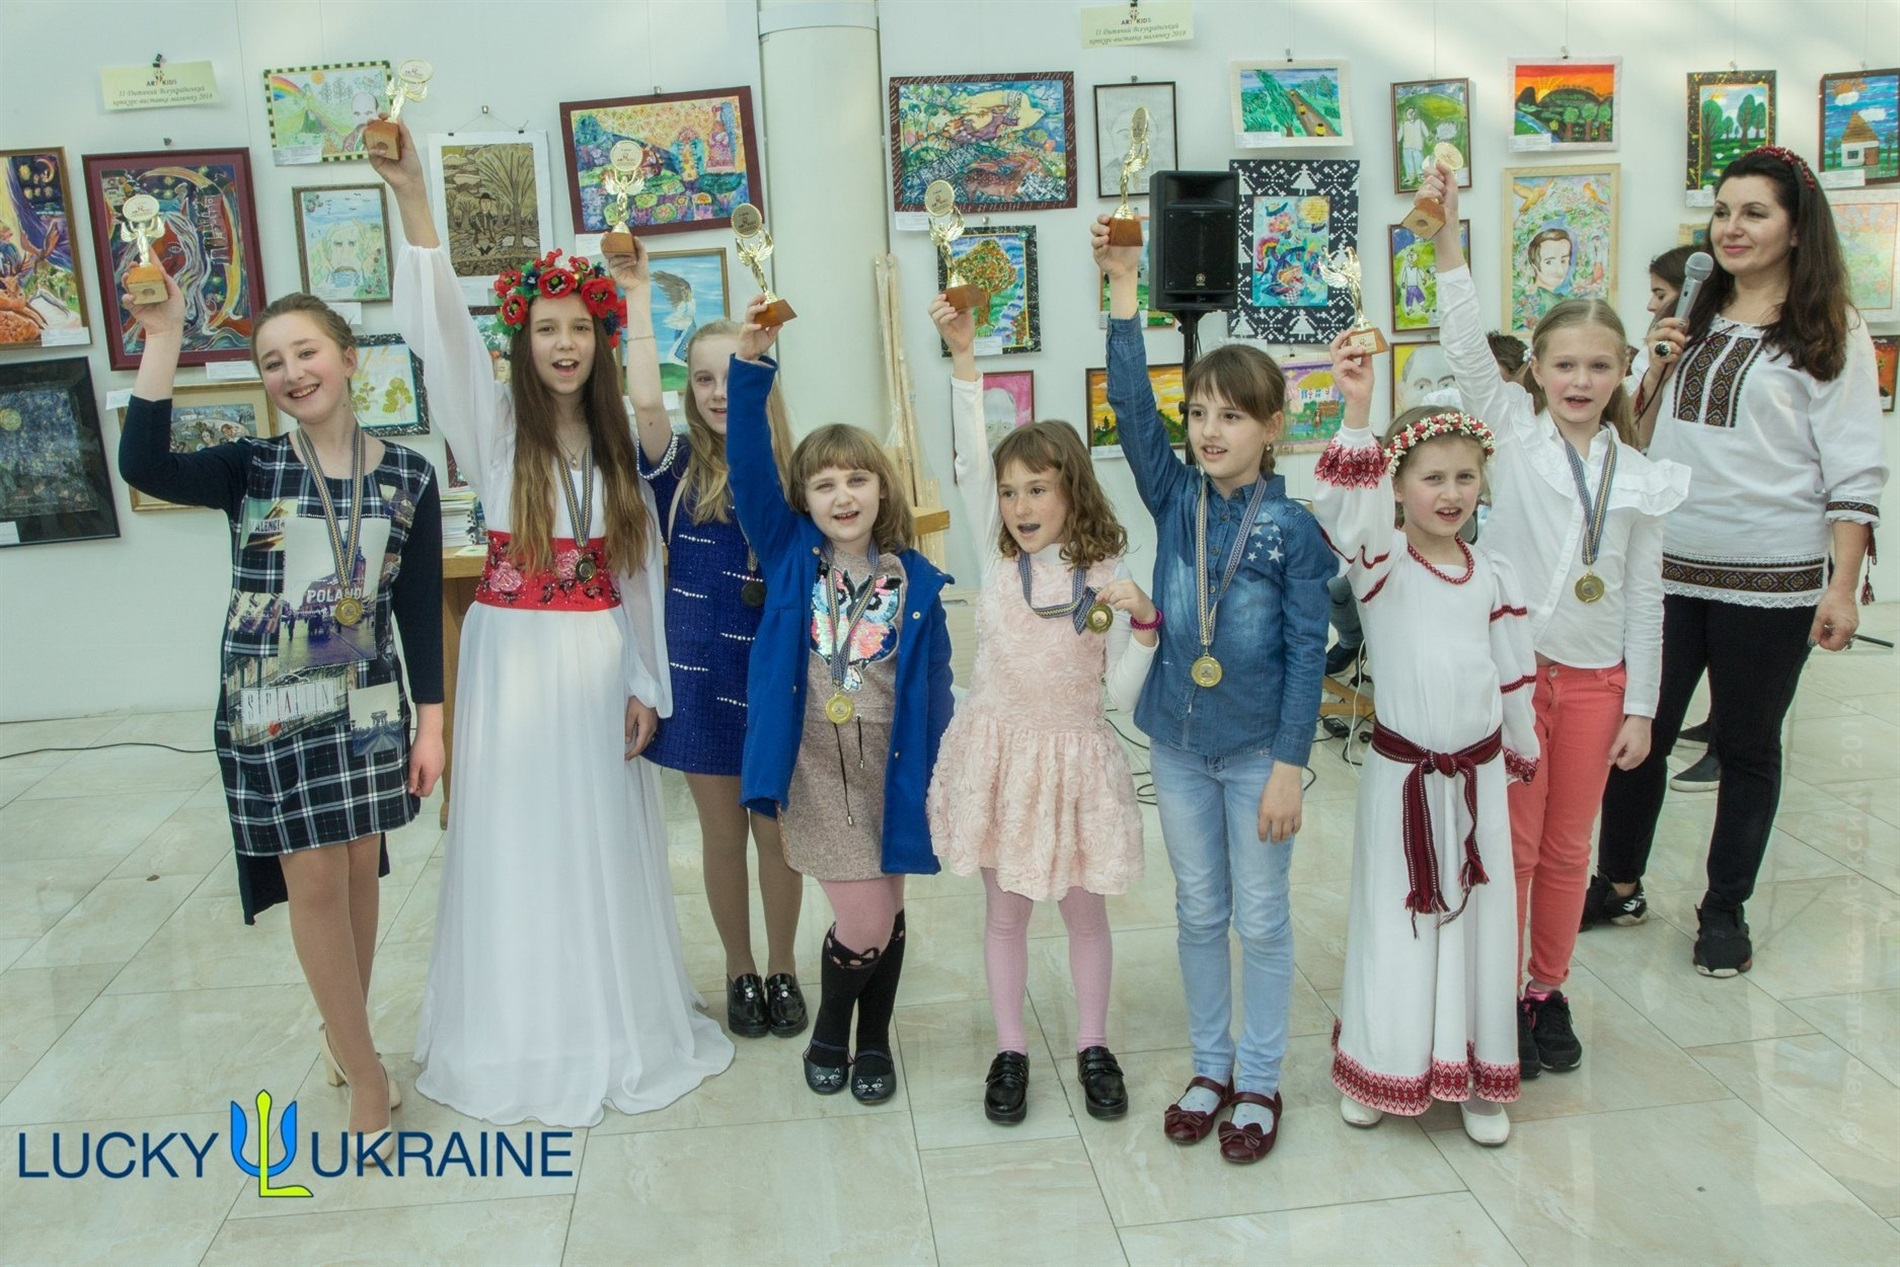 Уманчанка Софія Богуш отримала золото у фестивалі «Зірки Версалю 2020»